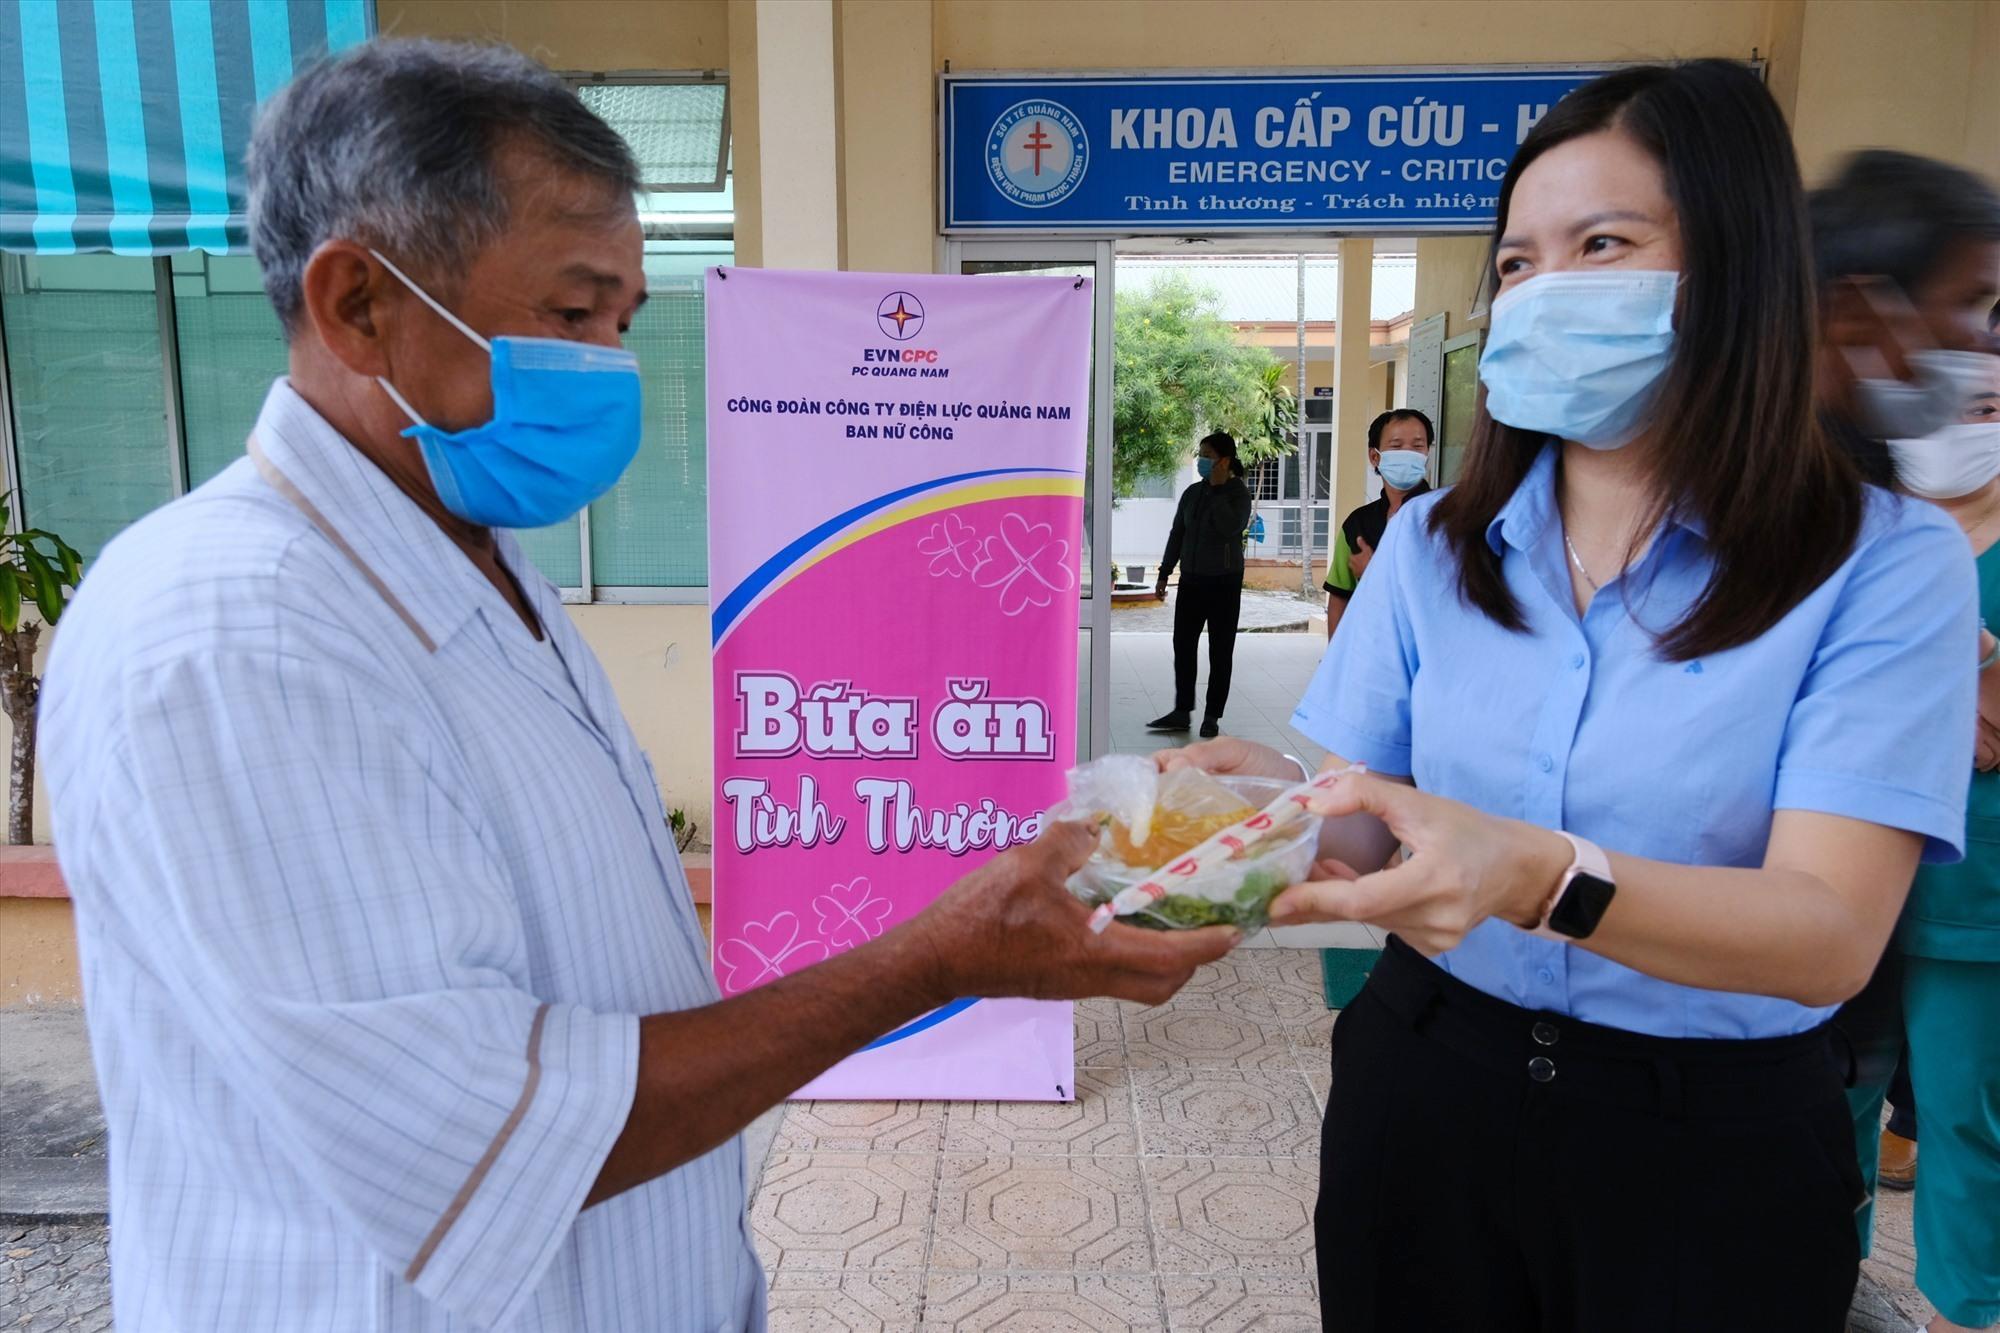 Nữ CNVC-LĐ trao thức ăn sáng miễn phí cho bệnh nhân.